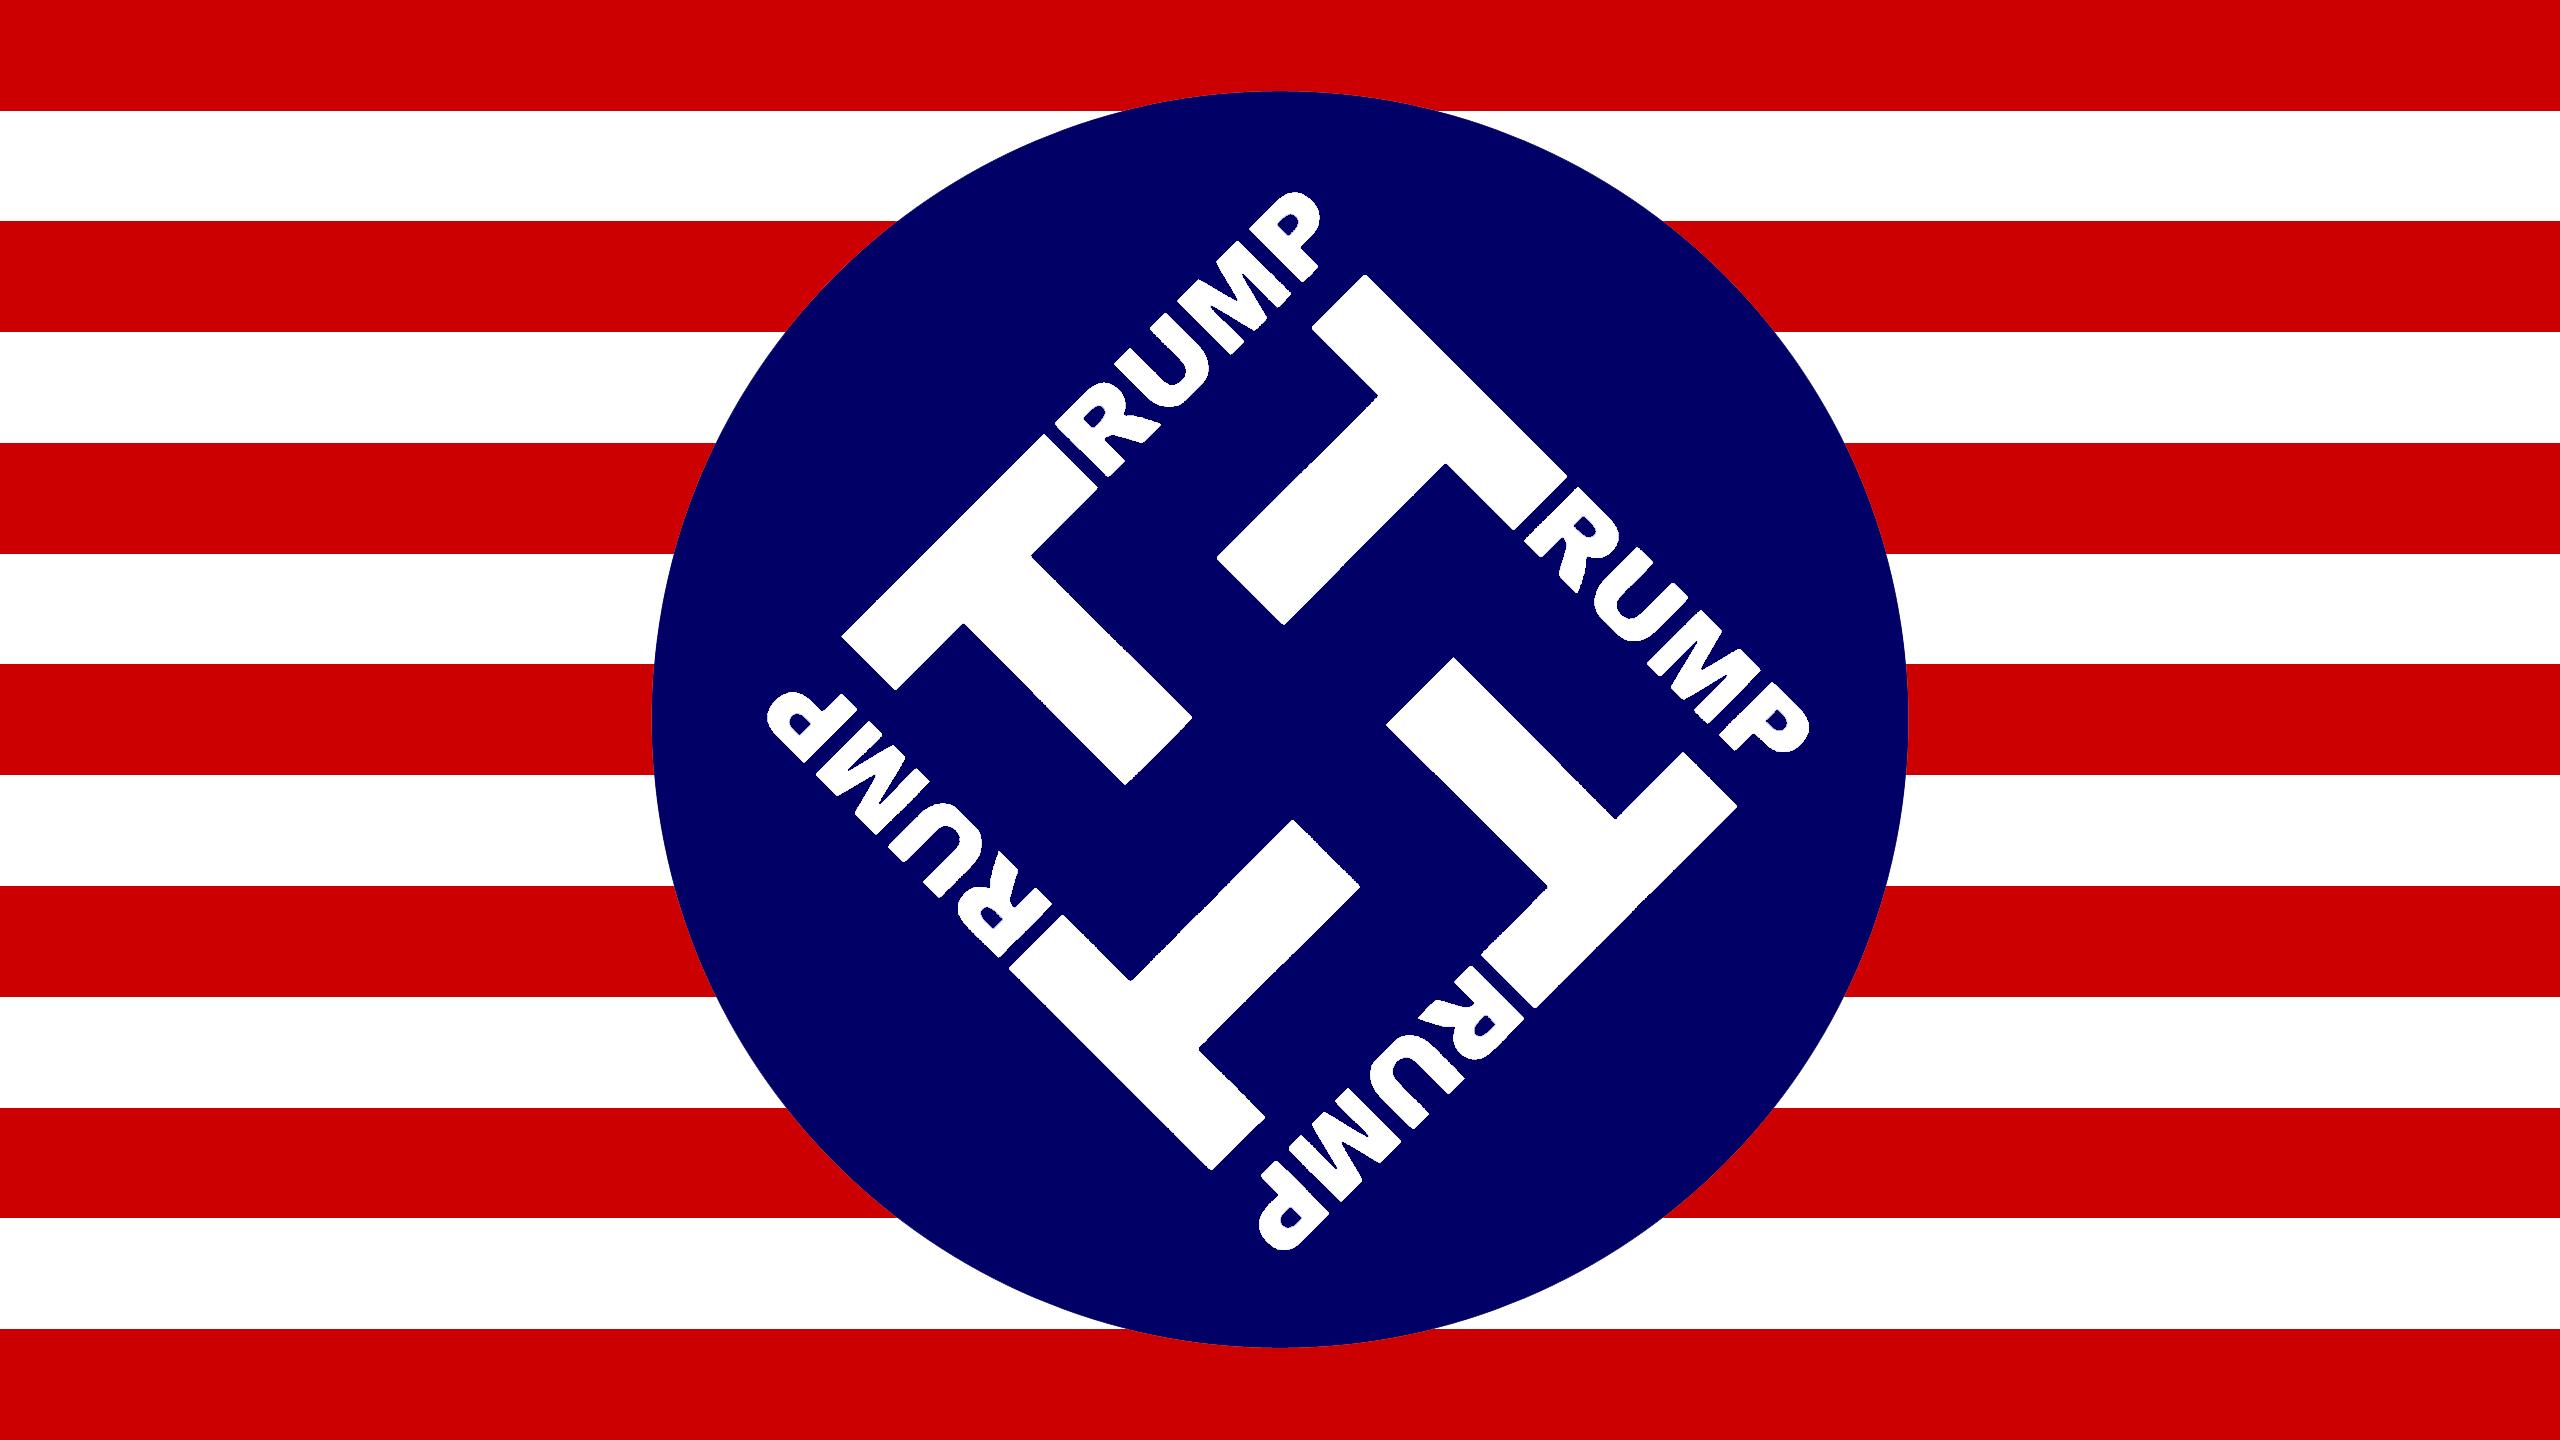 Trump 2020 Wallpapers - Wallpaper Cave